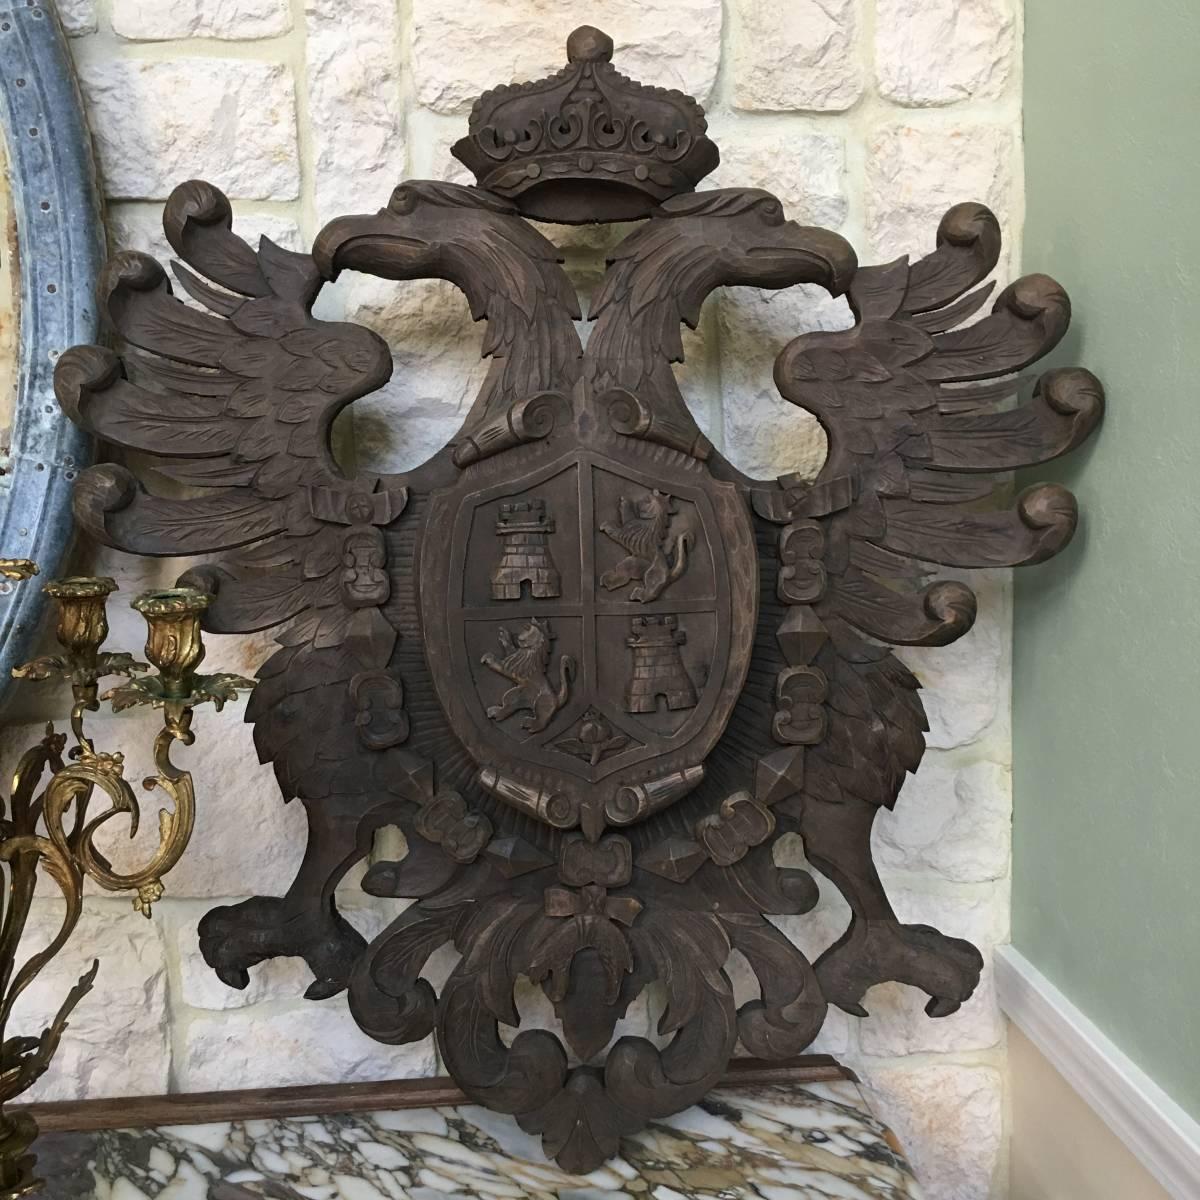 フランスアンティーク イーグル オブジェ 壁掛け 木製 ウッドオブジェ アンティーク家具 アンティーク ヨーロッパ 重厚_画像1